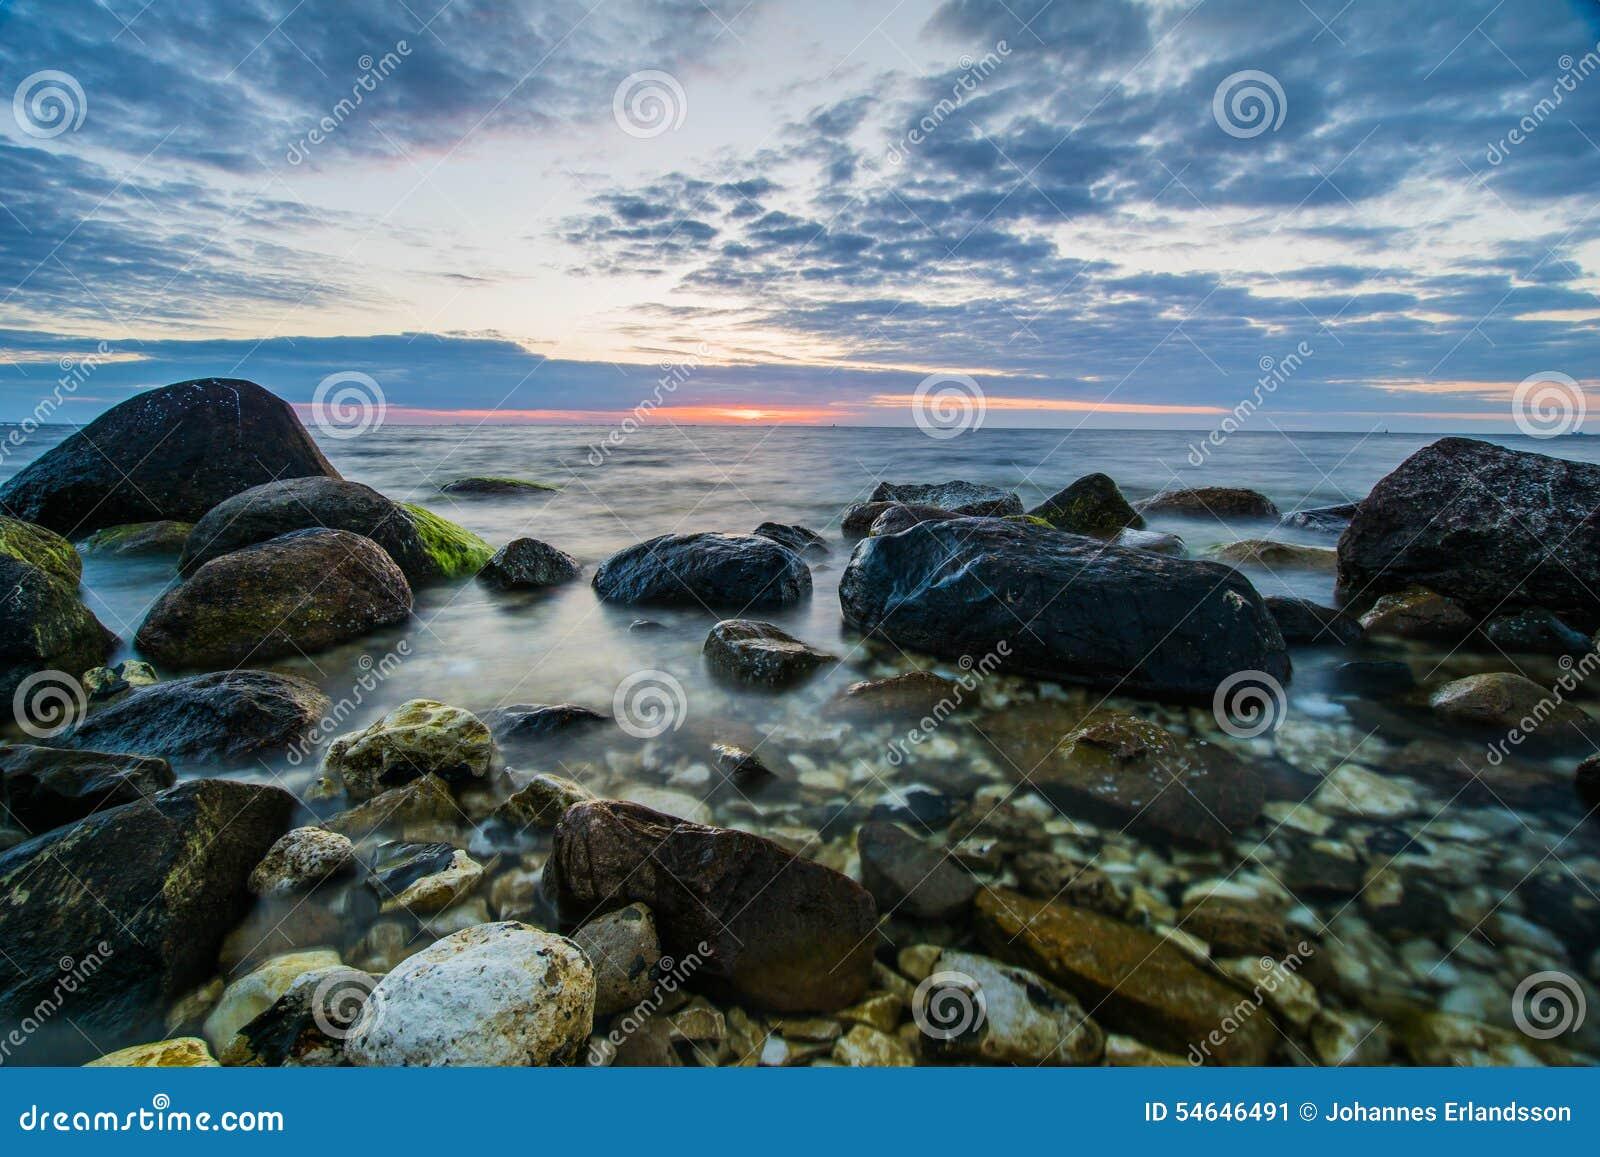 on stones ocean - photo #10